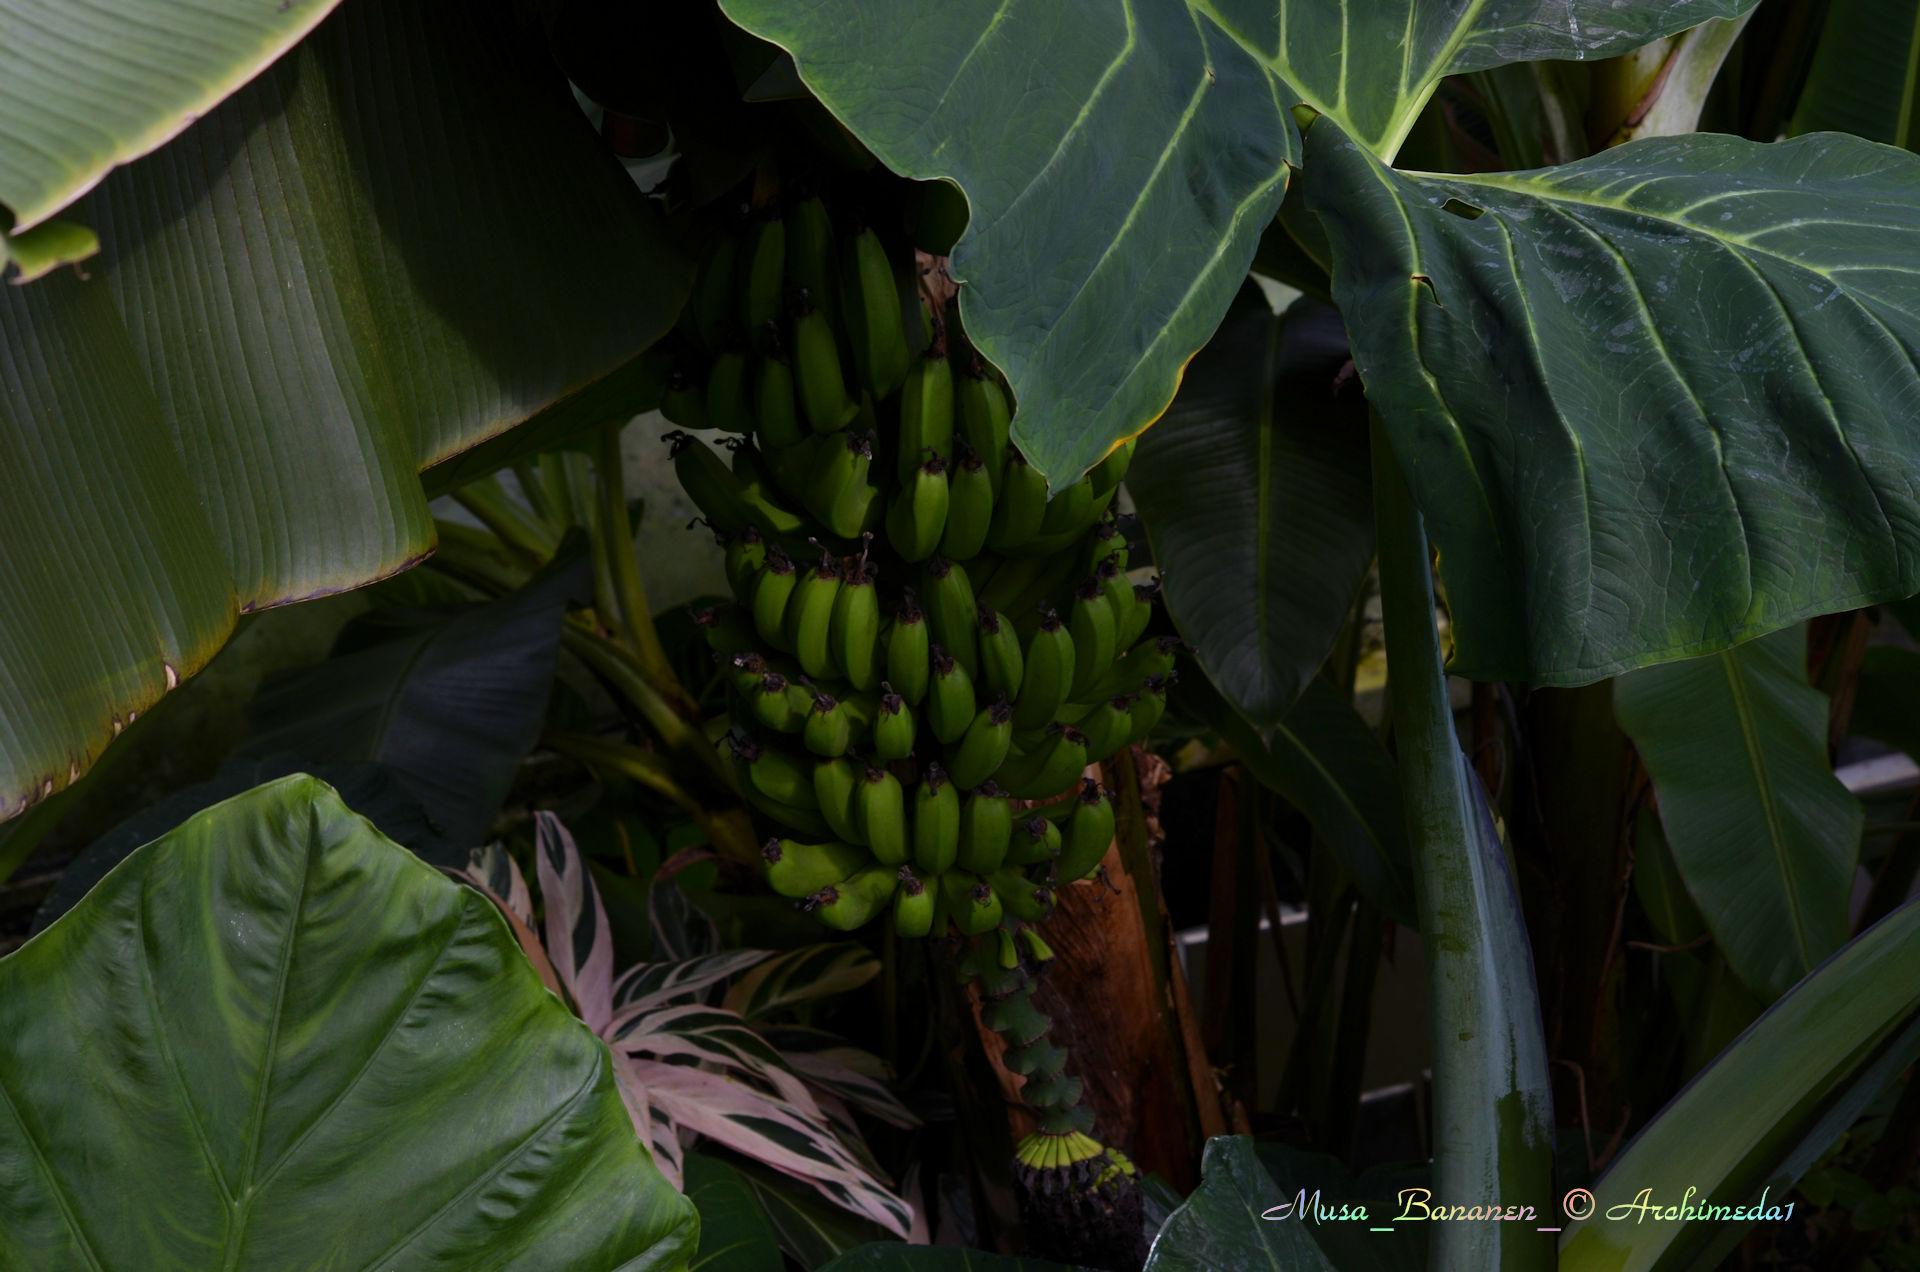 wie sieht eine bananenbl te aus ineineandrewelt auf der suche nach was ist gr n. Black Bedroom Furniture Sets. Home Design Ideas